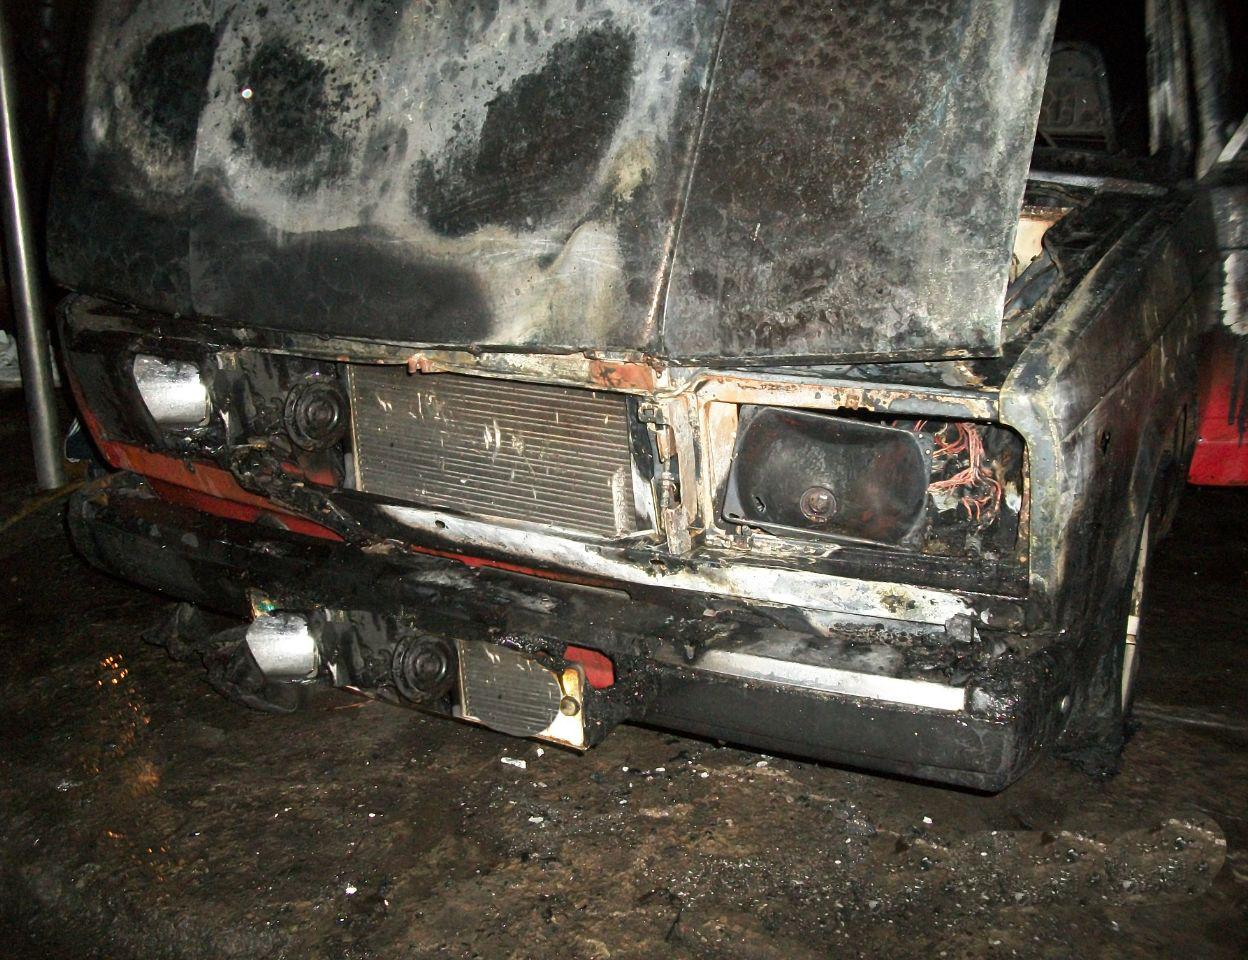 Пожар произошел в селе Вертеп на улице Коцюбинской.